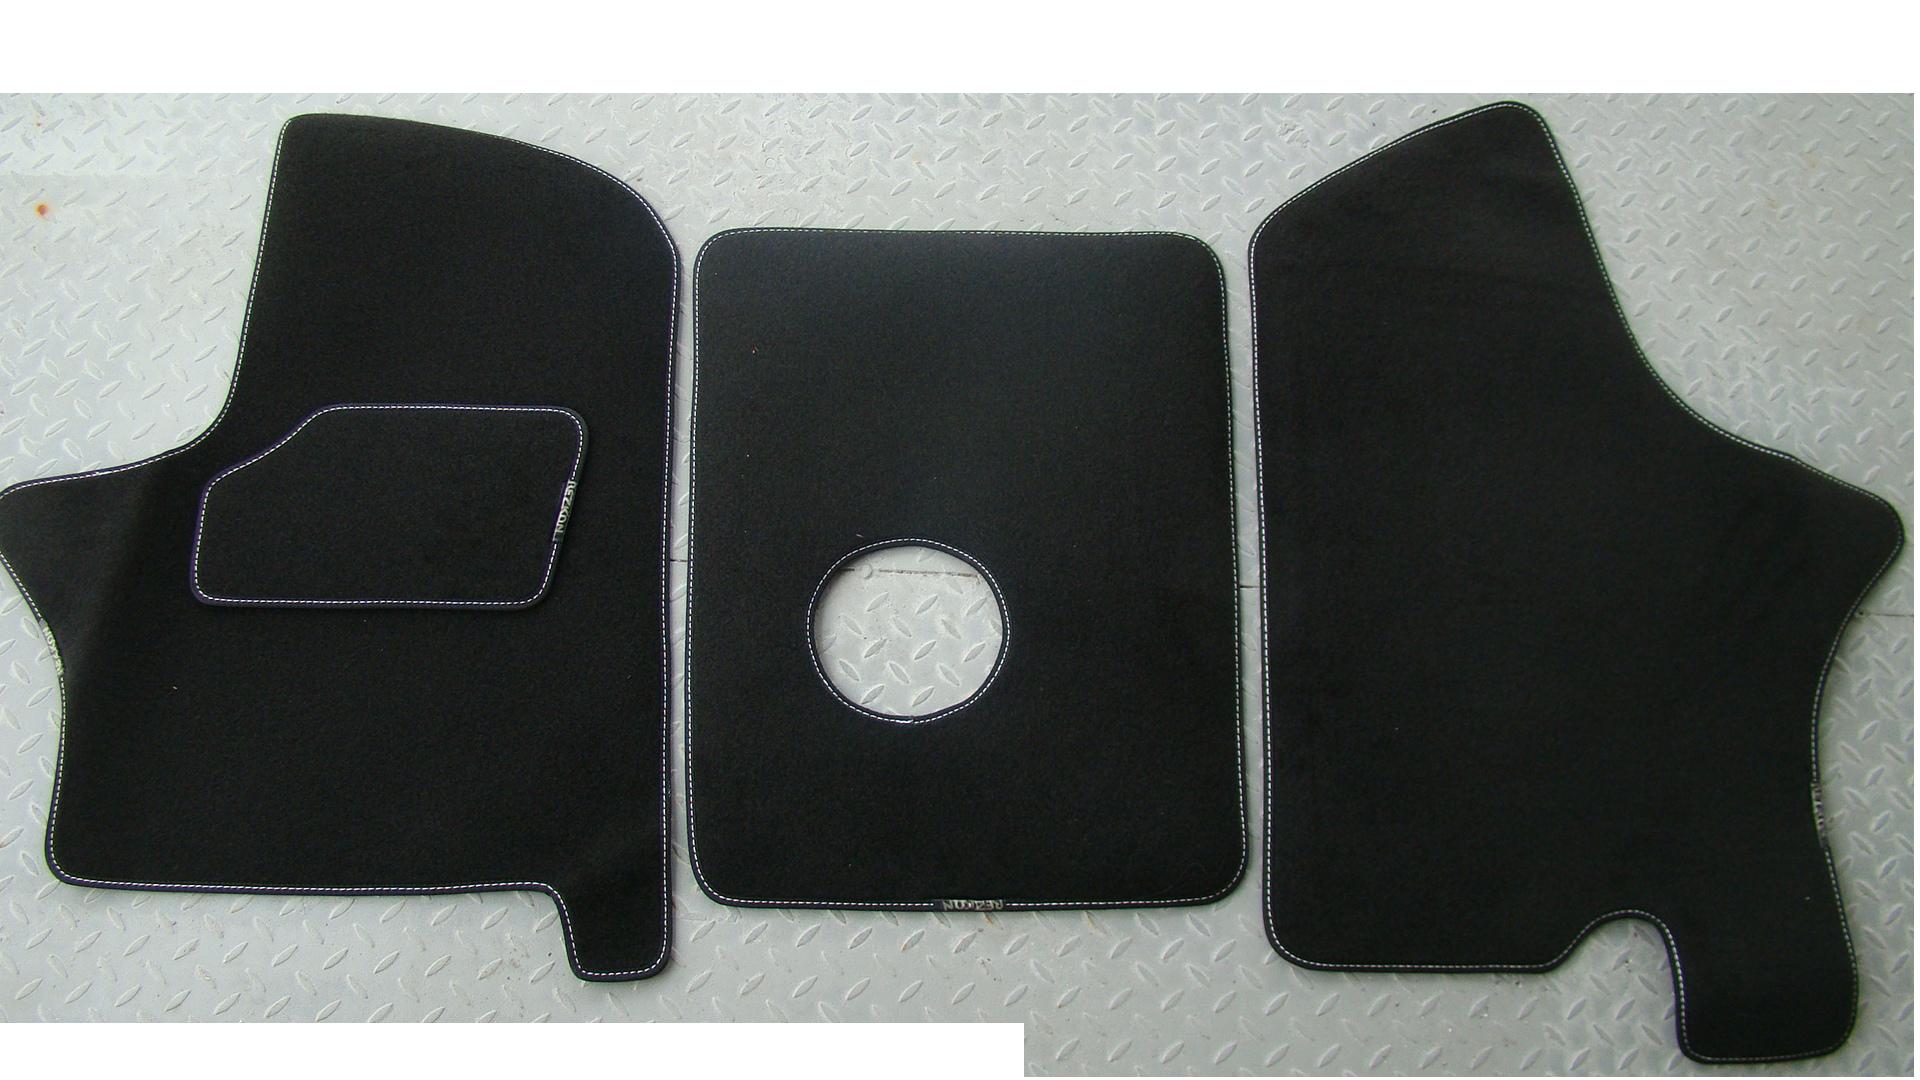 Ковры ворсовые на полимерной основе для автомобиля Газель NEXT. (Черные)